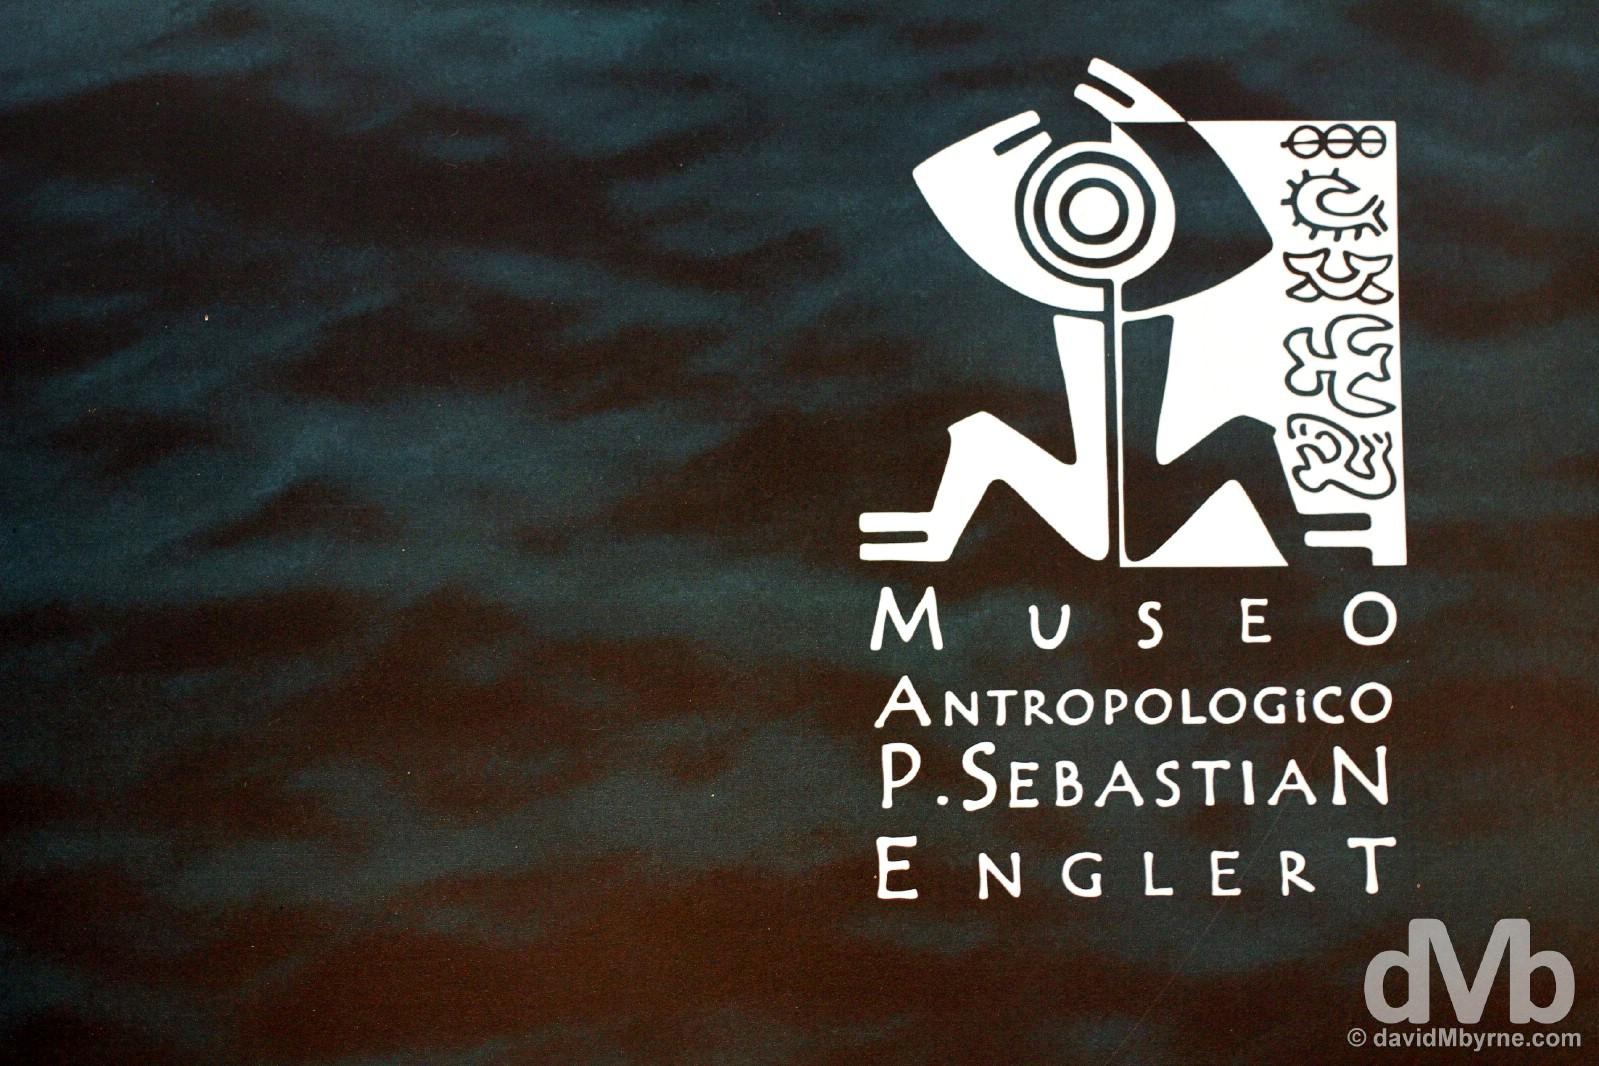 Museo Antropologico P. Sebastian Englert, Hanga Roa, Easter Island, Chile. September 30, 2015.